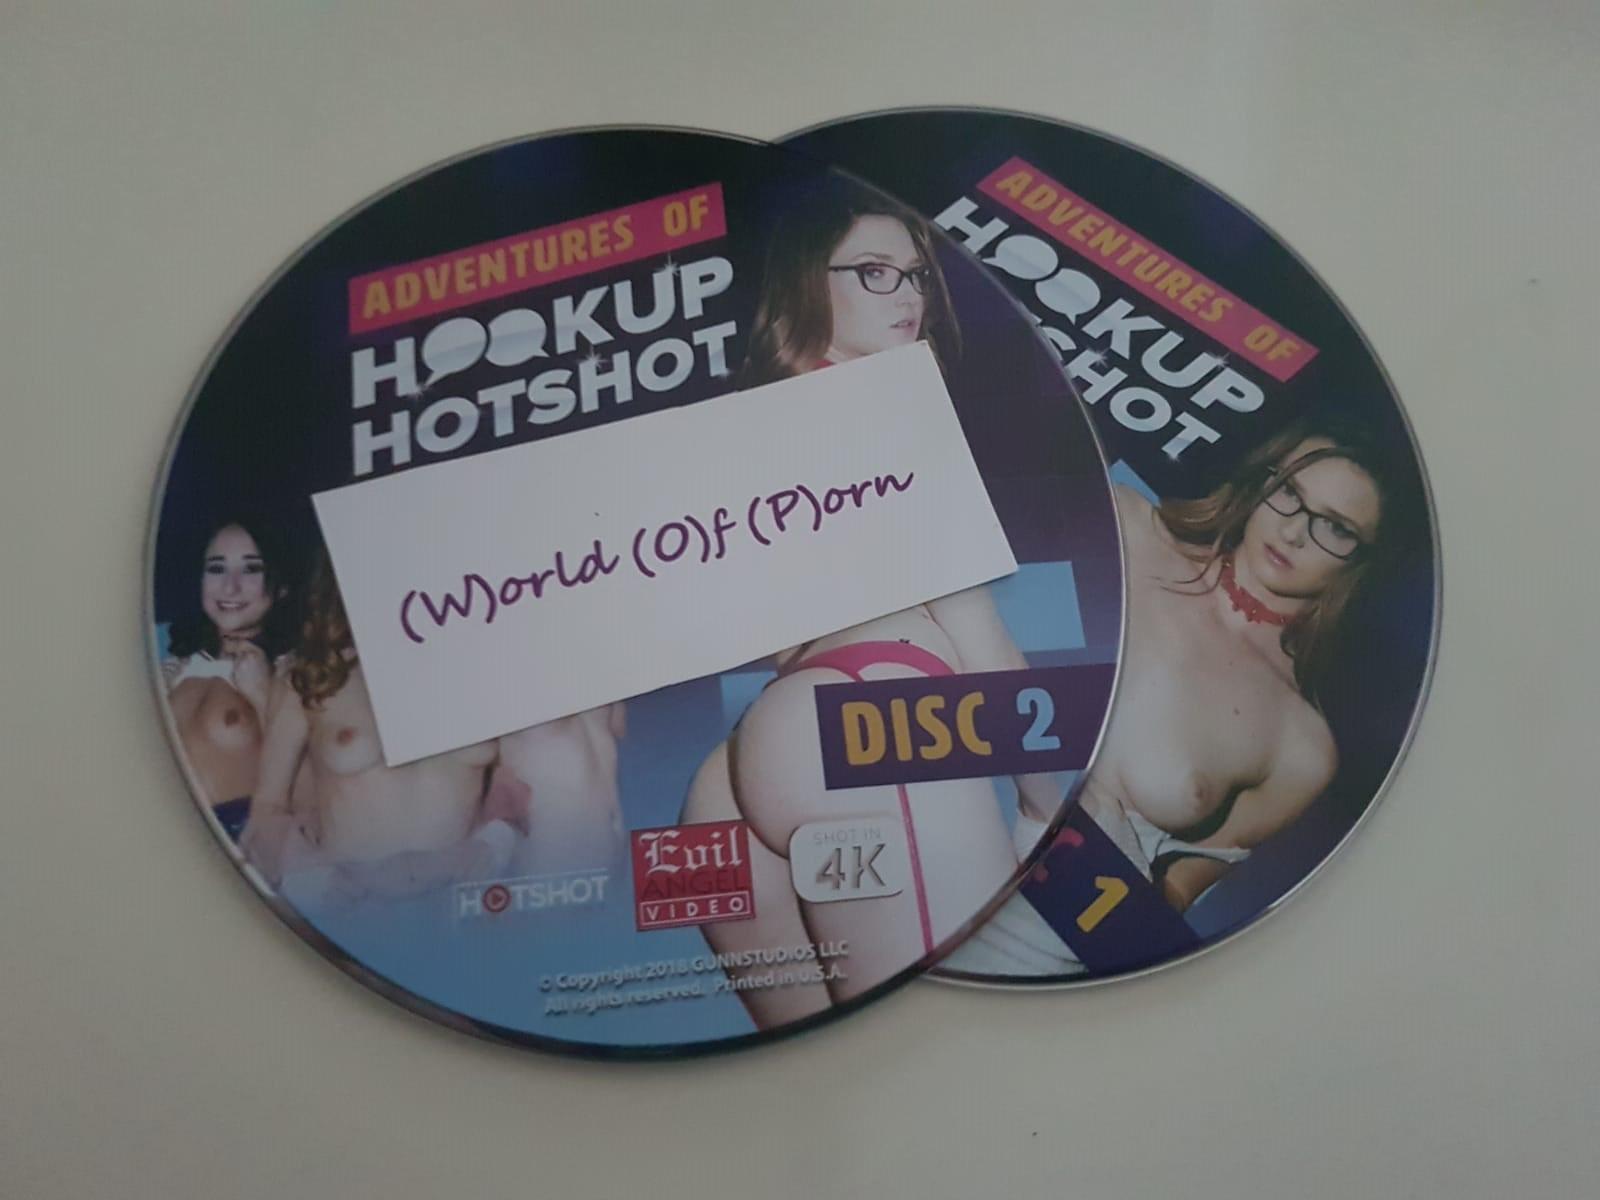 Adventures of Hookup Hotshot DiSC1 XXX DVDRip x264-WOP